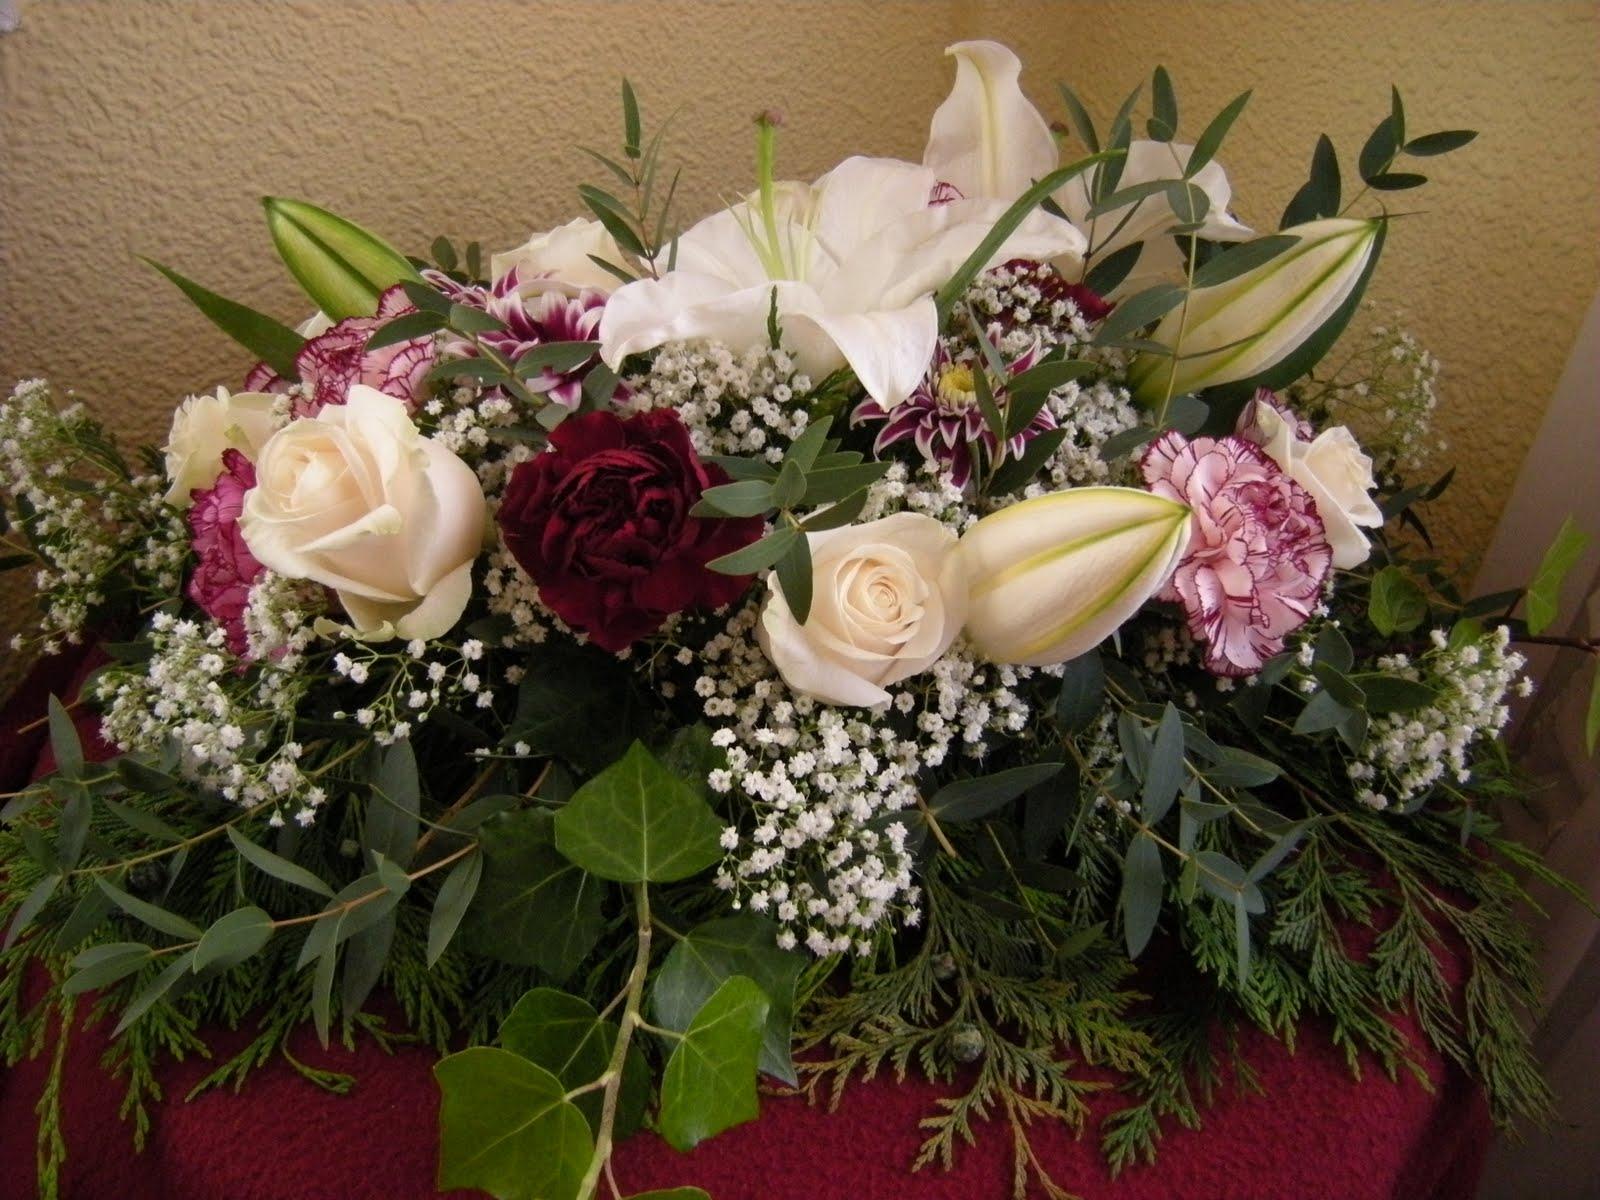 Flores naturales centro de flores - Centro de flores naturales ...